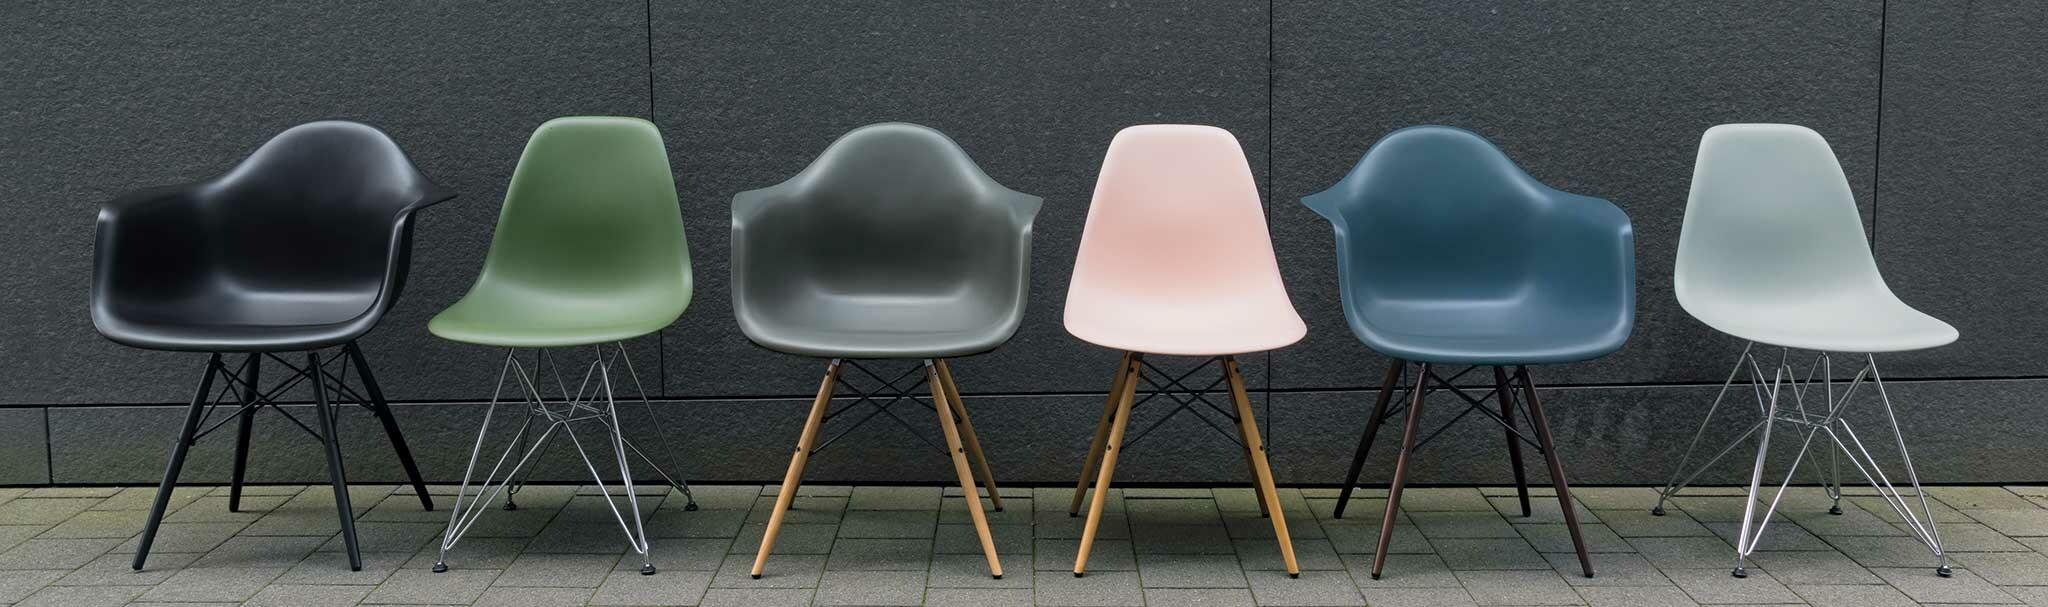 Vitra Eames Plastic Chairs Die Neuen Farben Cairo De